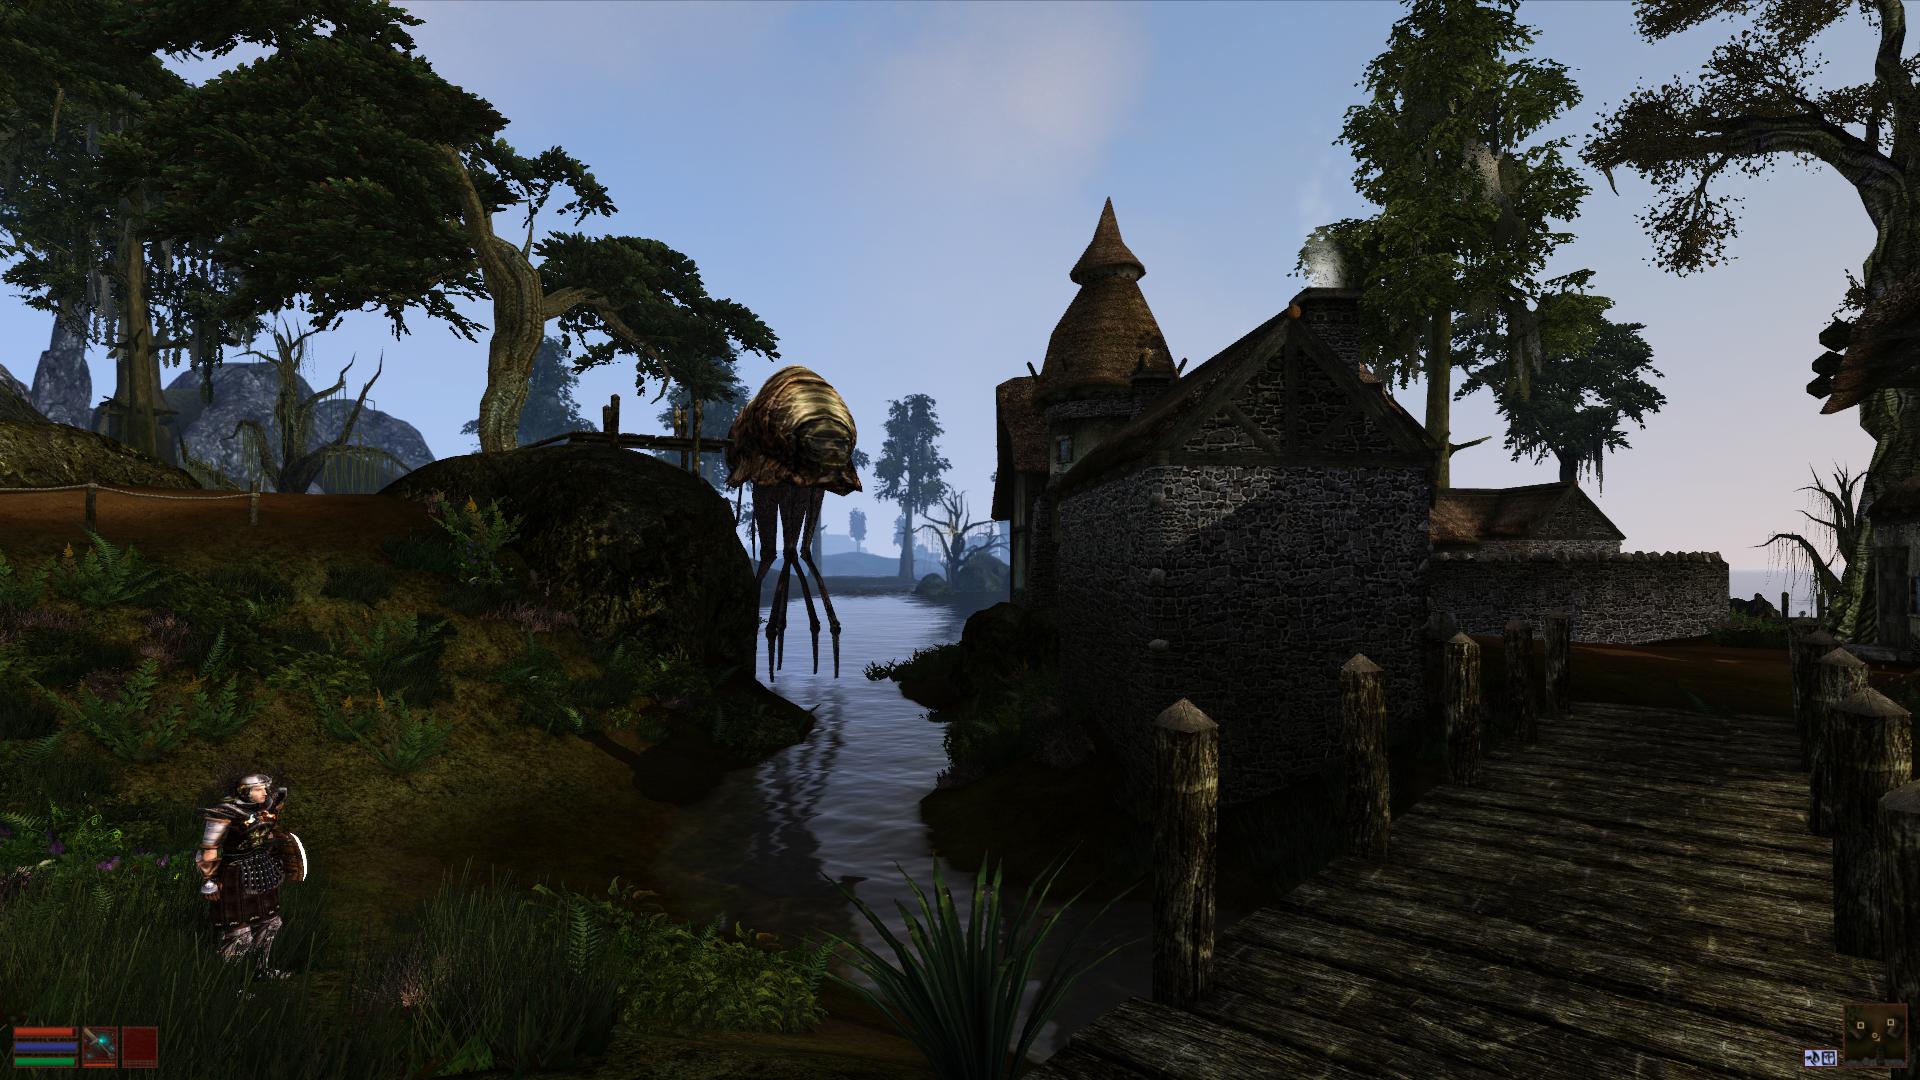 Morrowind wallpaper by awesomelemon on deviantart - Morrowind wallpaper ...